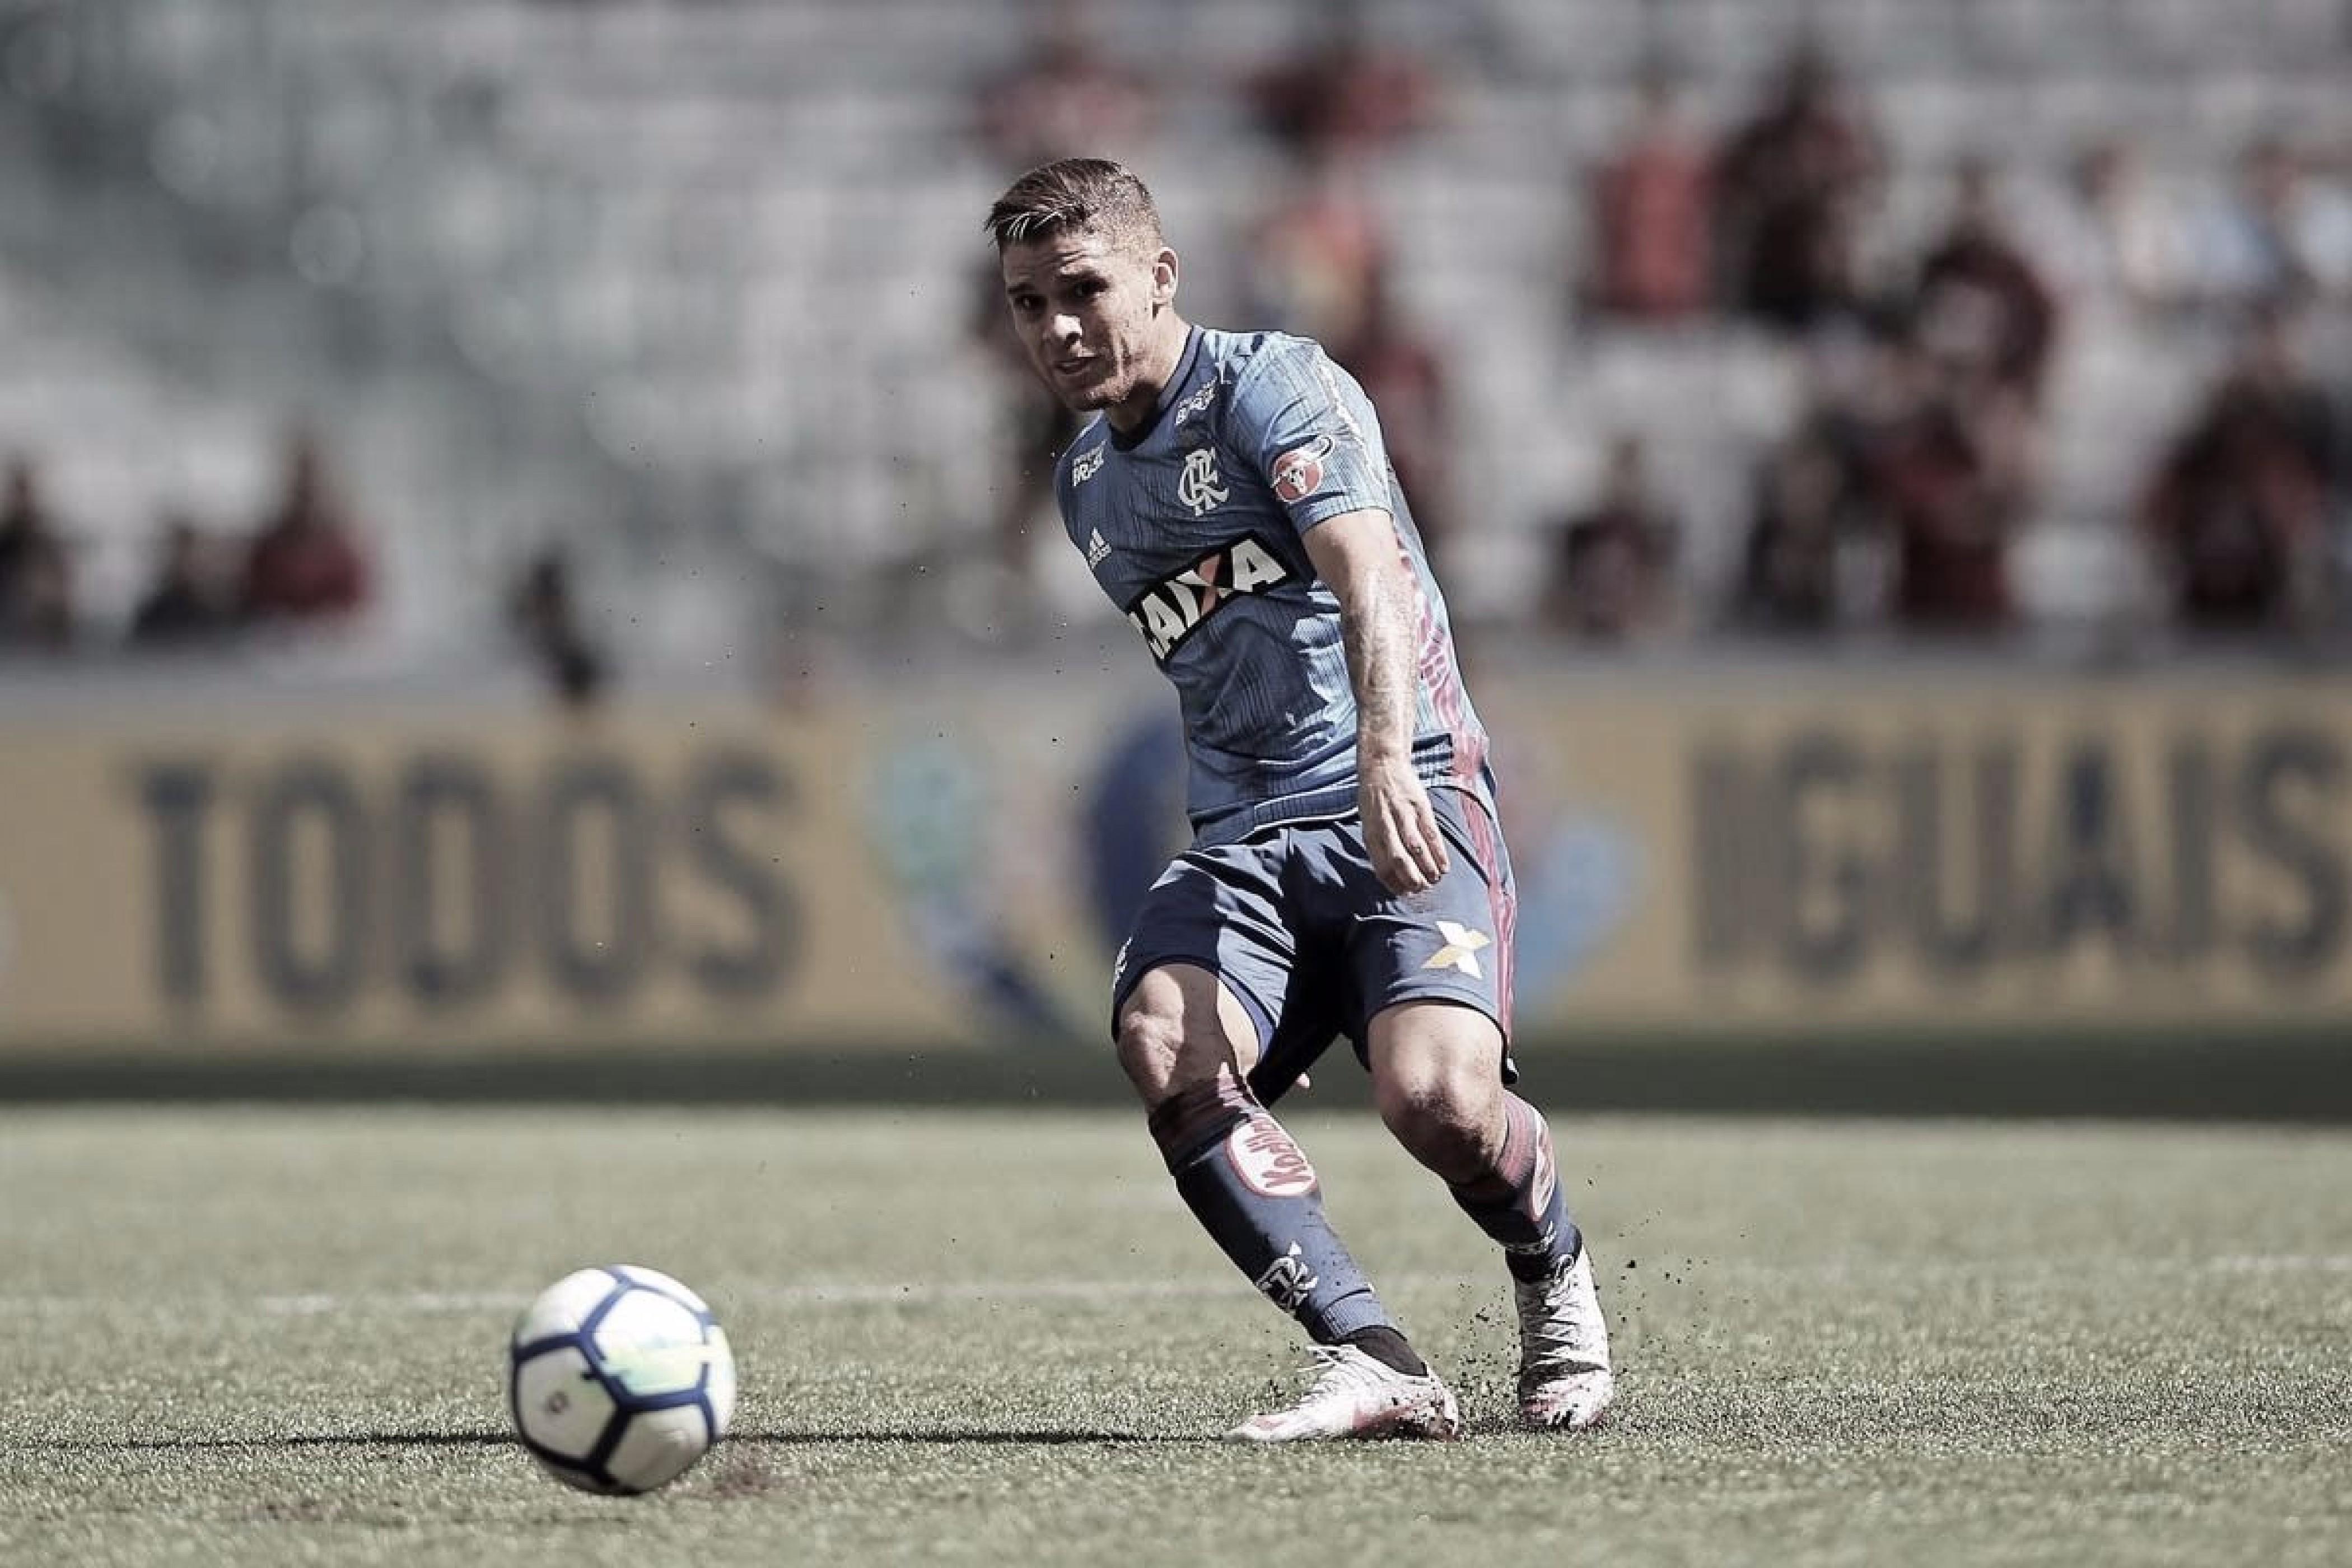 Cuéllar é punido, mas Flamengo consegue efeito suspensivo e volante enfrentará Atlético-MG